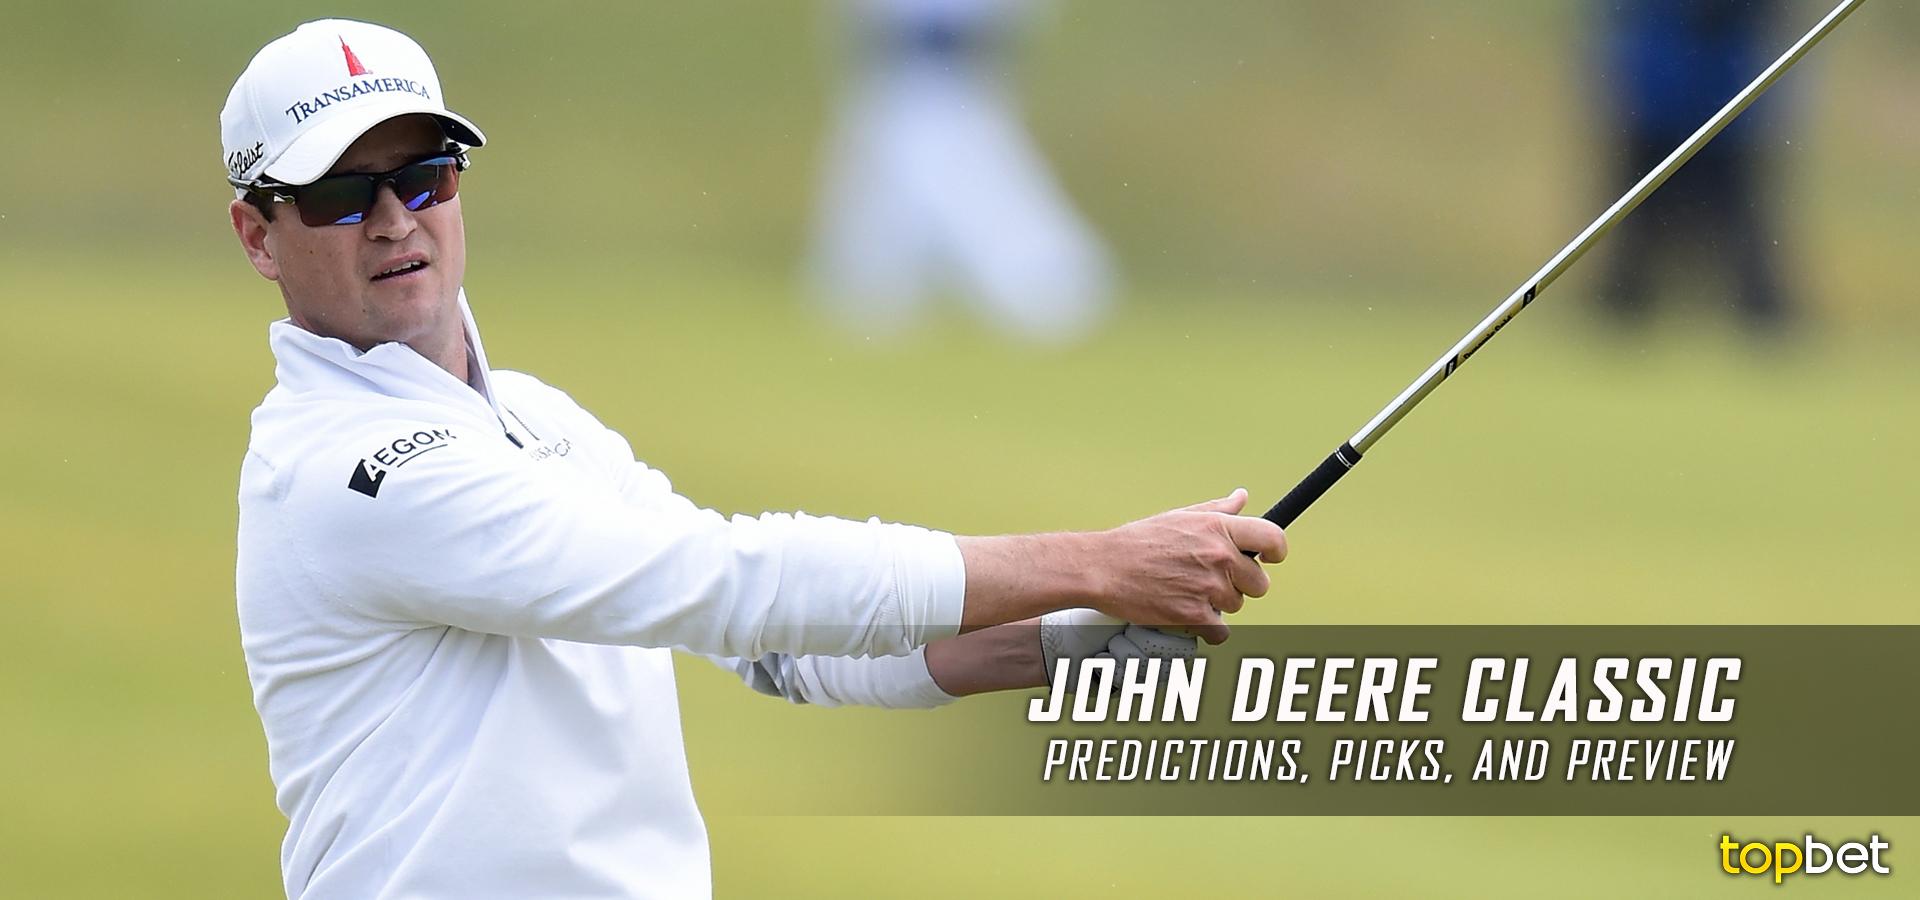 2016 John Deere Classic Predictions Picks And Pga Preview